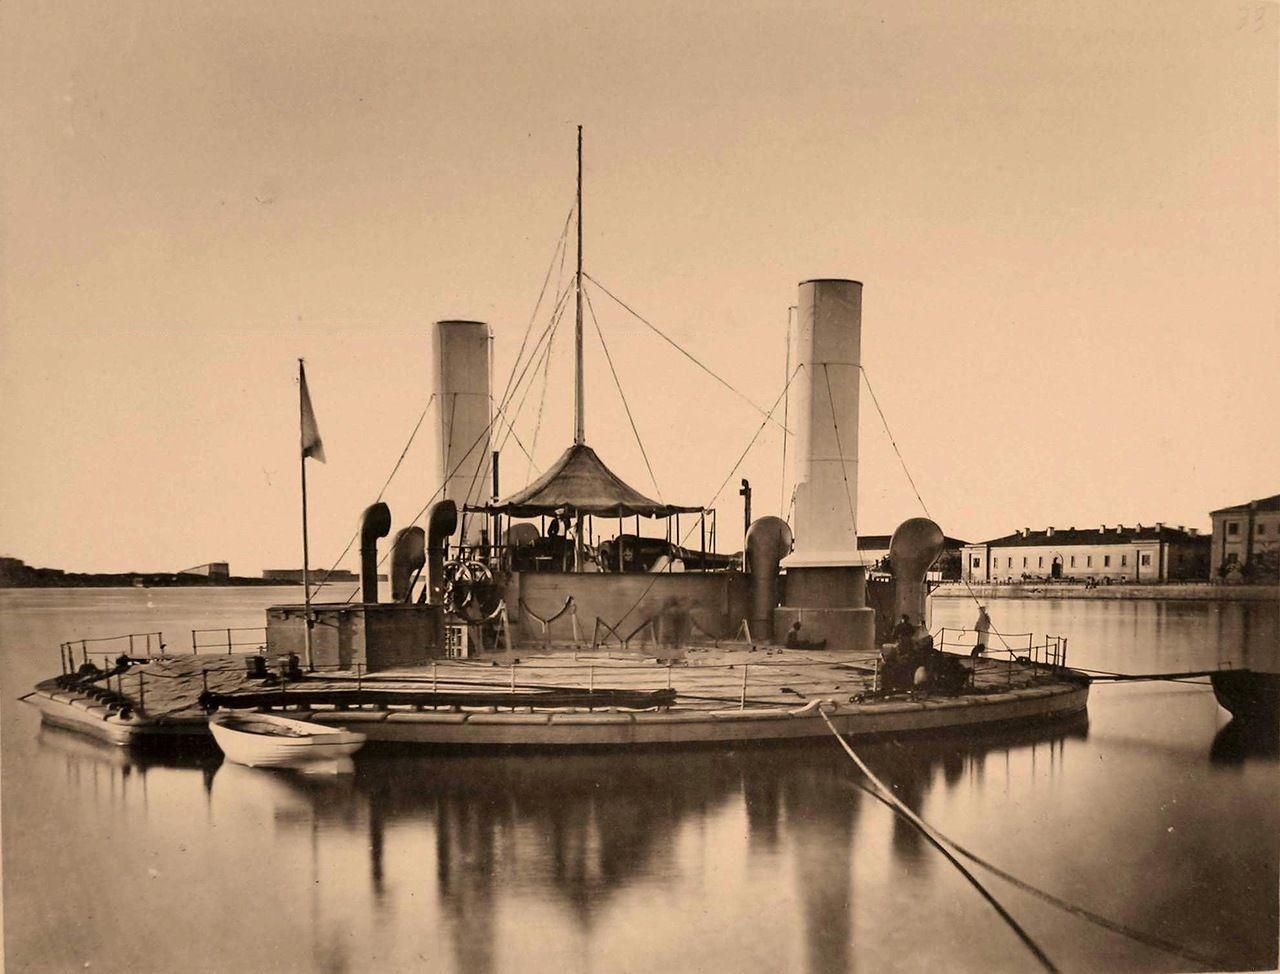 32.Один из первых броненосцев береговой обороны Черноморского флота - артиллерийская плавучая батарея («поповка») «Новгород», спущенная на воду 21 мая 1873 г., на причале. 1875